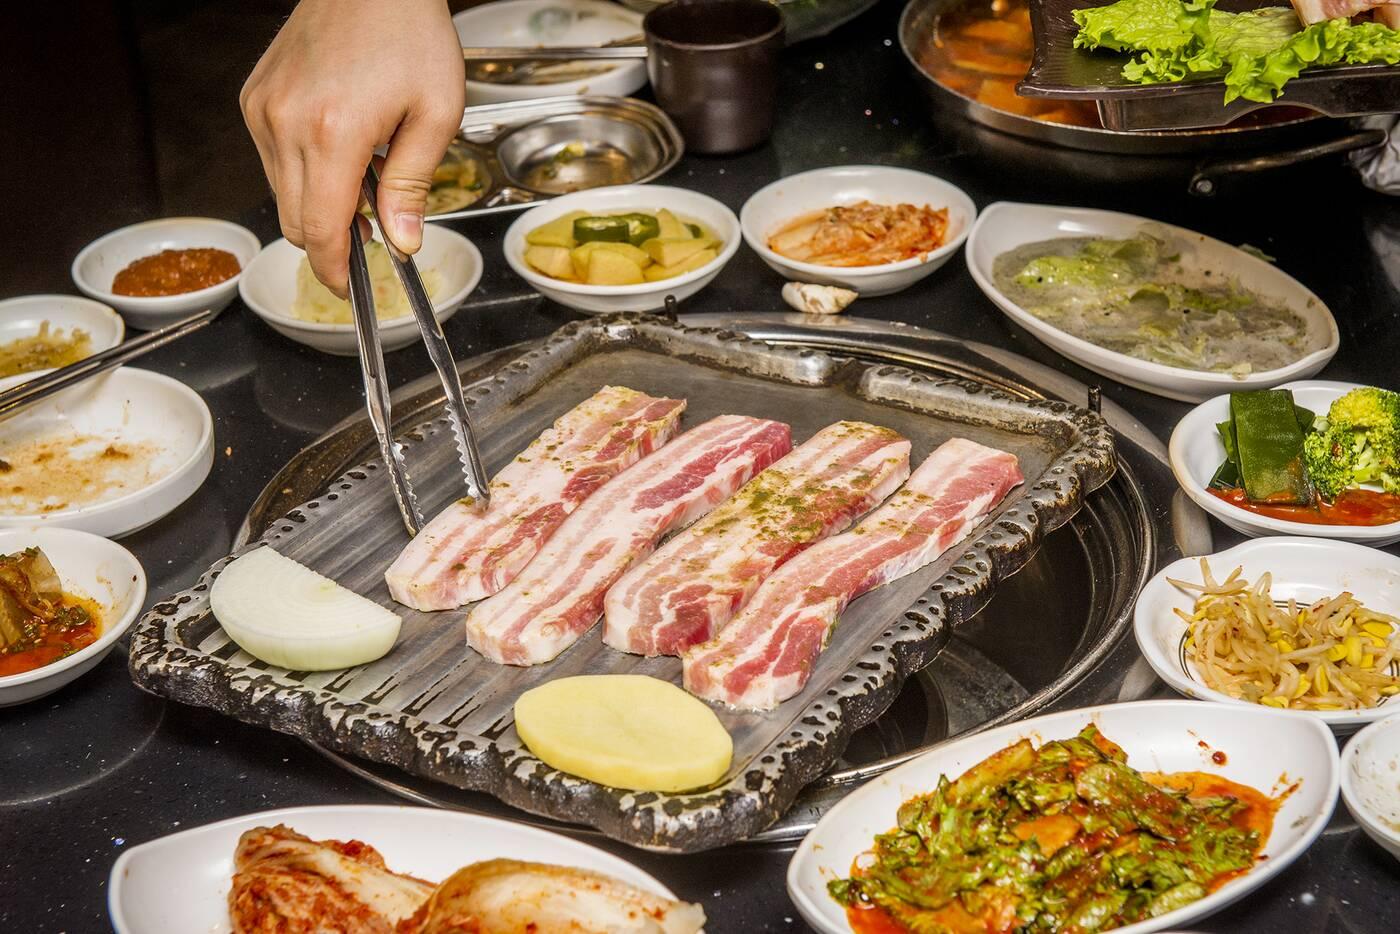 piggys restaurant toronto